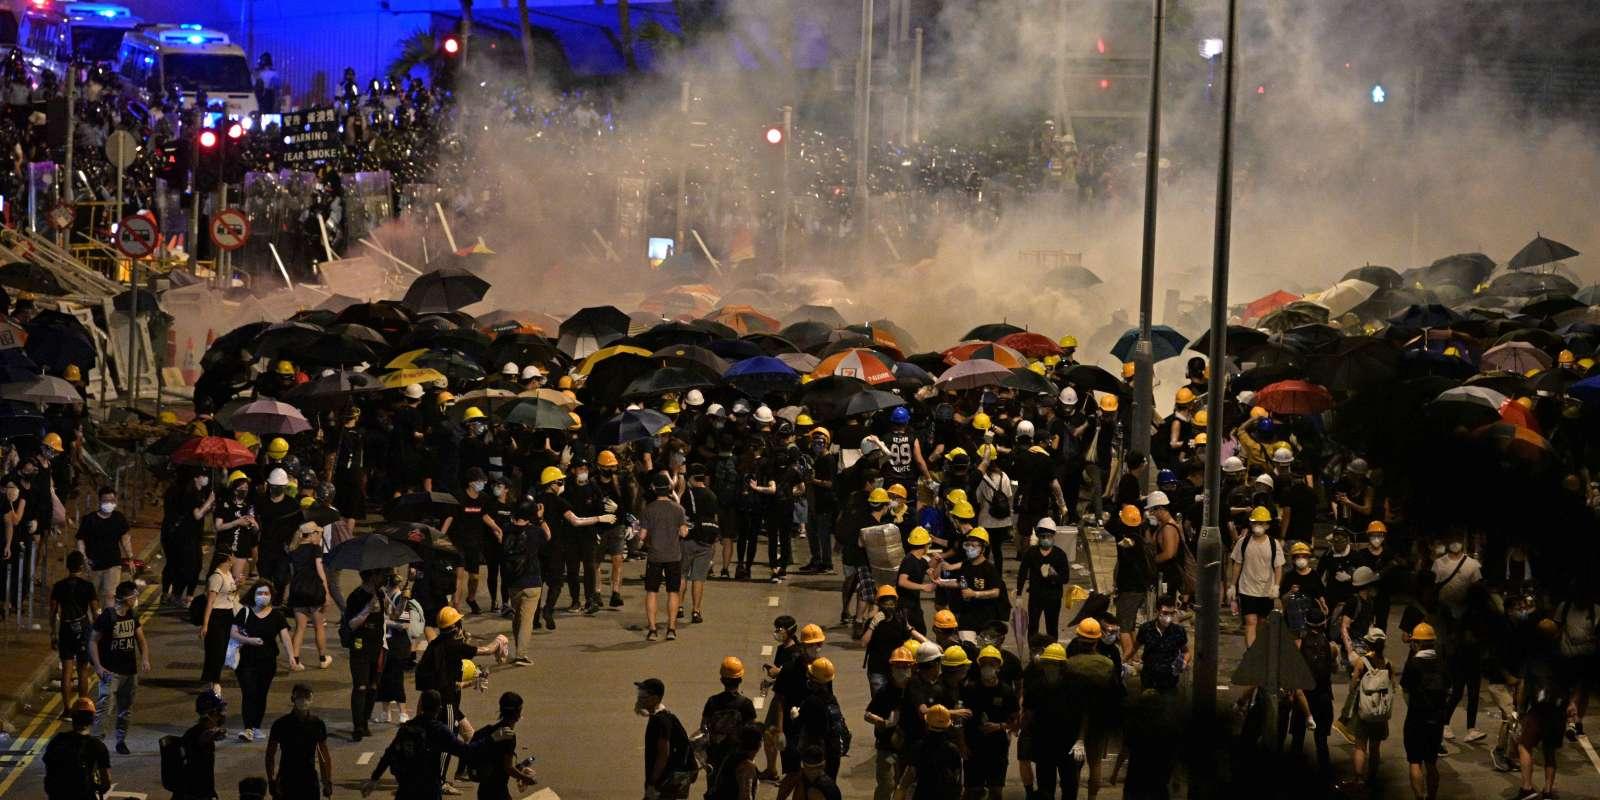 Tirs de lacrymogènes par la police devant le Parlement hongkongais, investi quelques heures plus tôt par les manifestants.